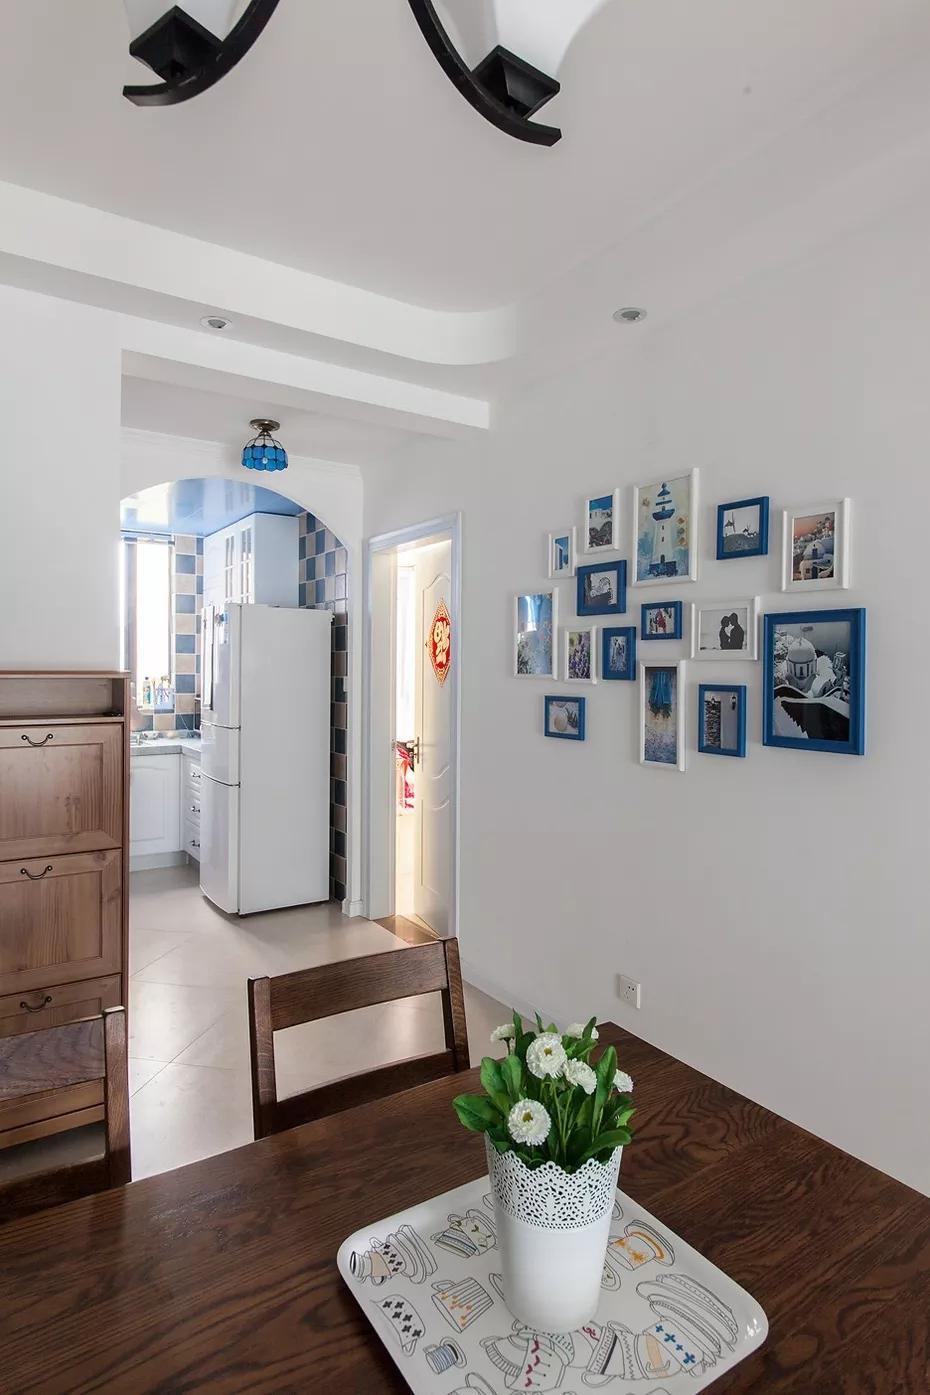 厨房和餐厅走廊的墙面上摆设了照片墙,都是用了蓝色和白色相框,自然清新。